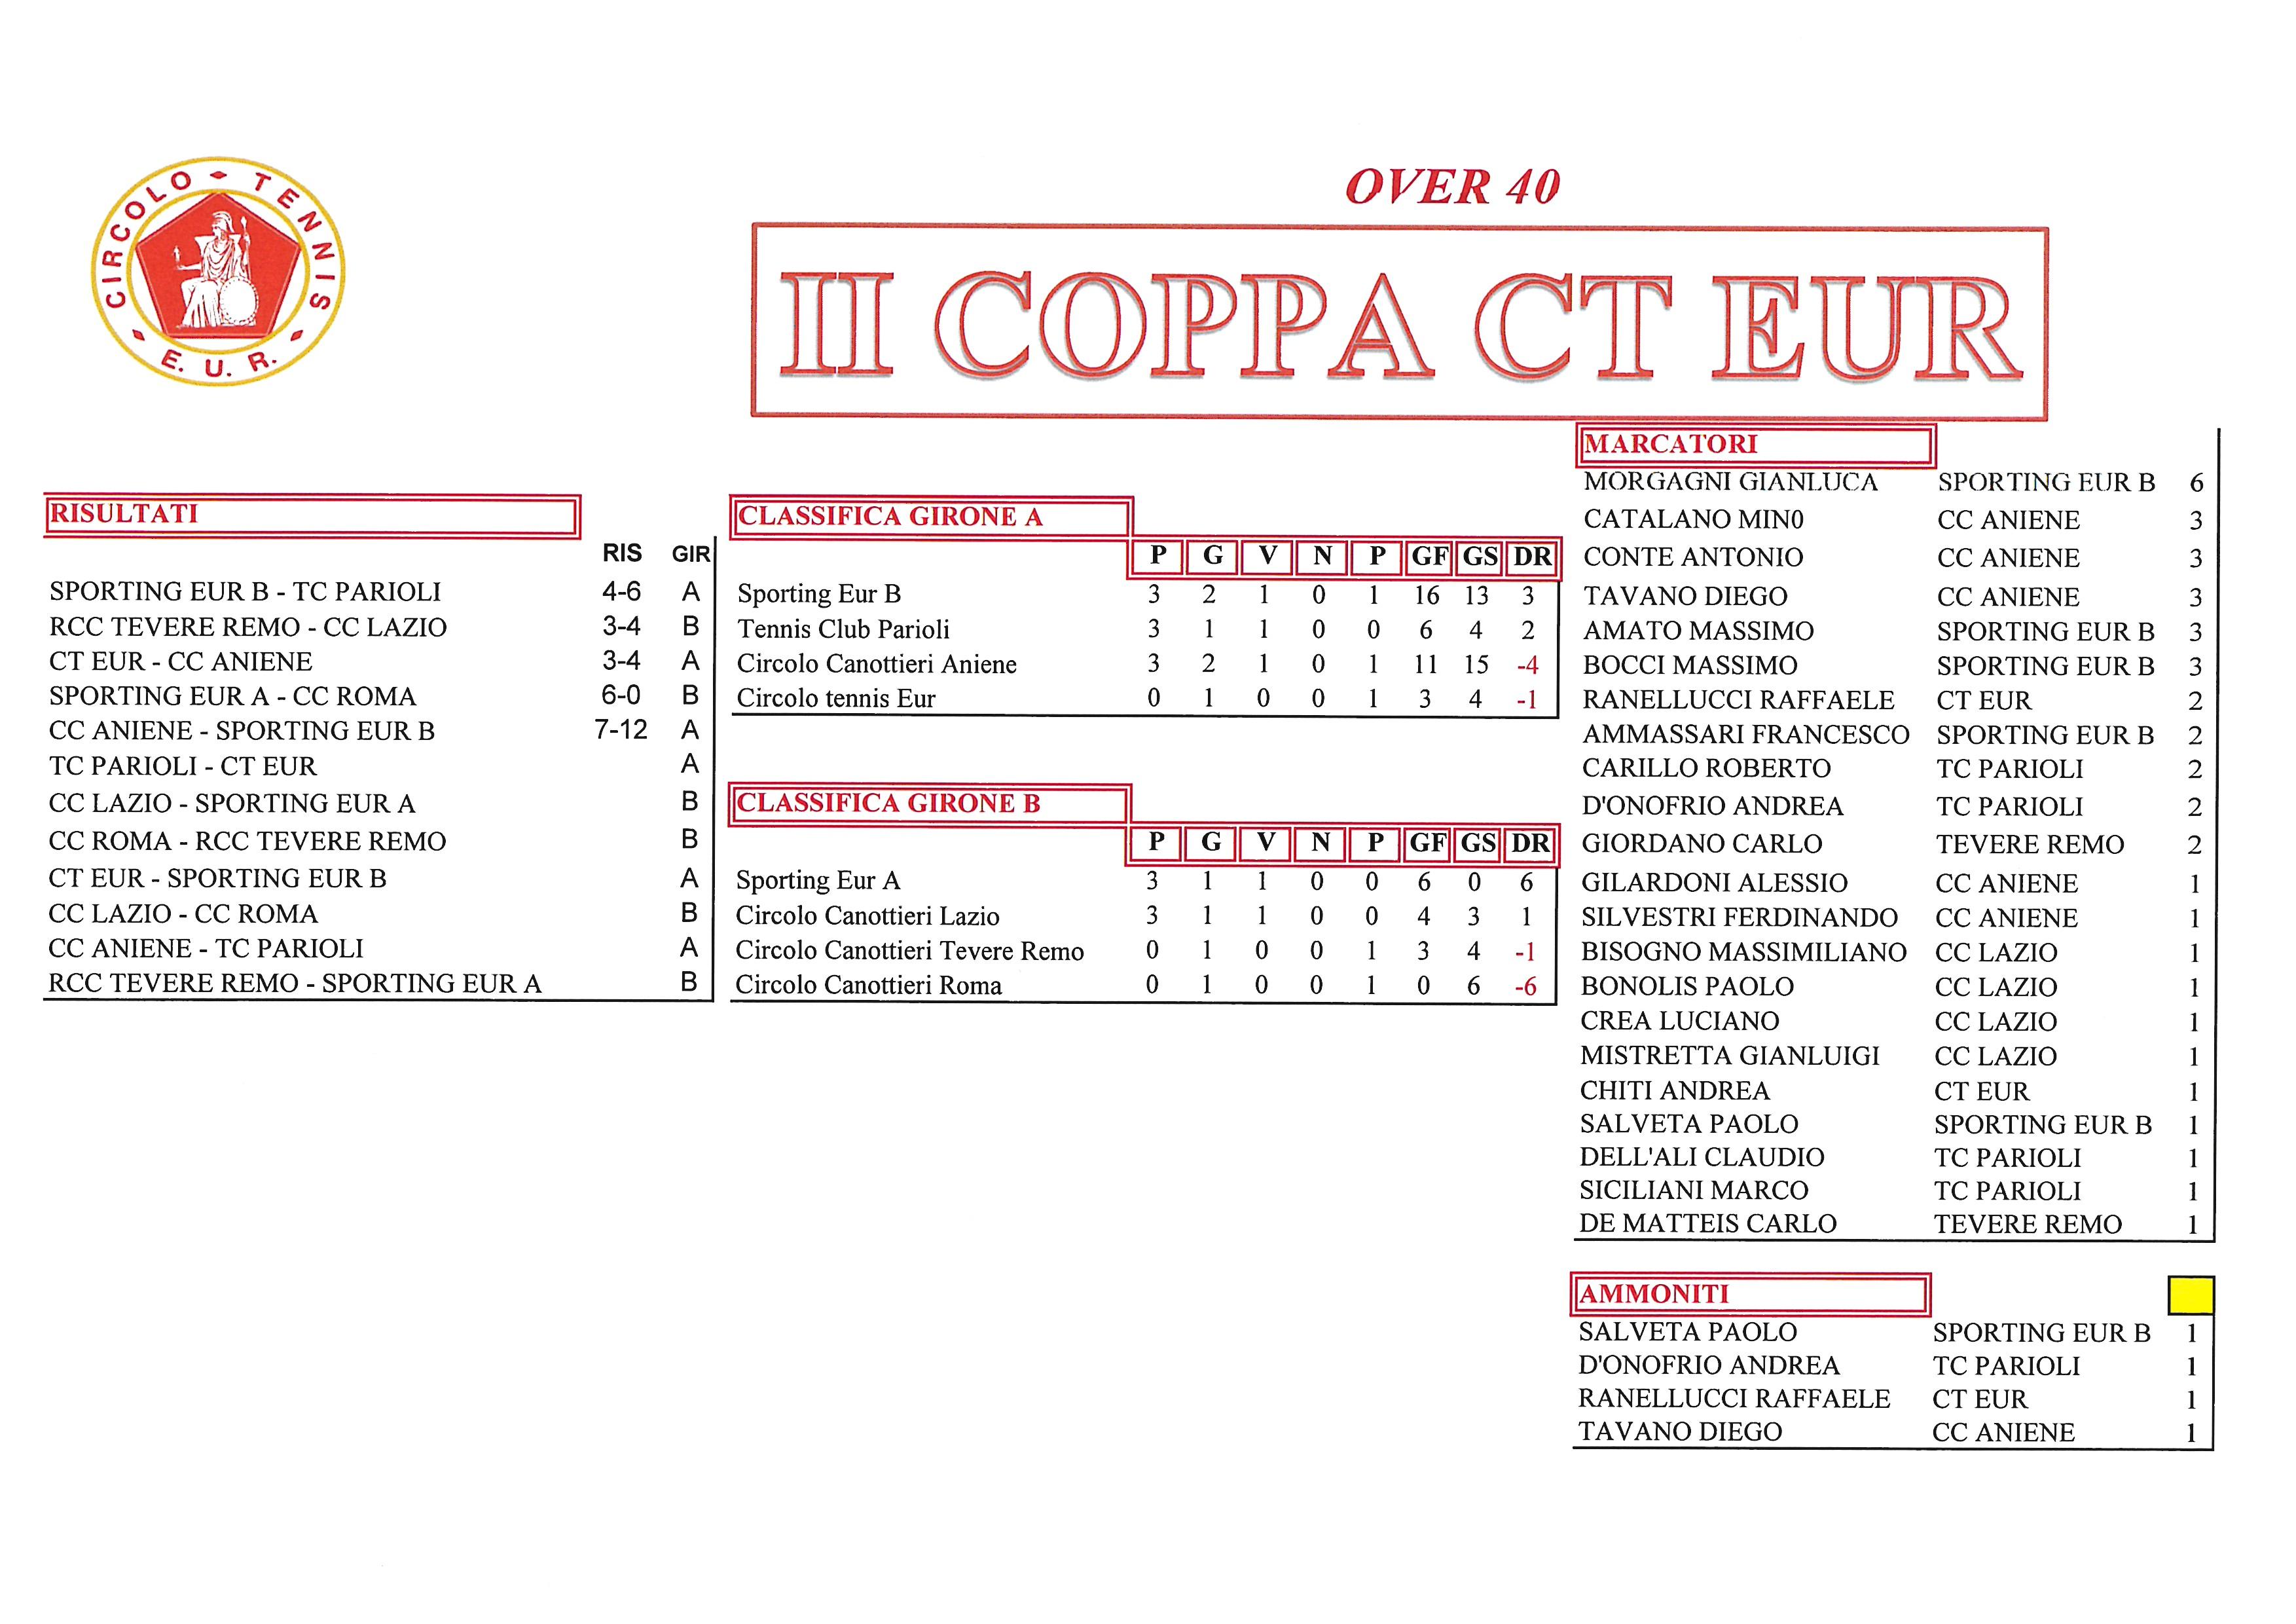 Coppa-CT-Eur-risultati-del-26-settembre-2017-Over-40